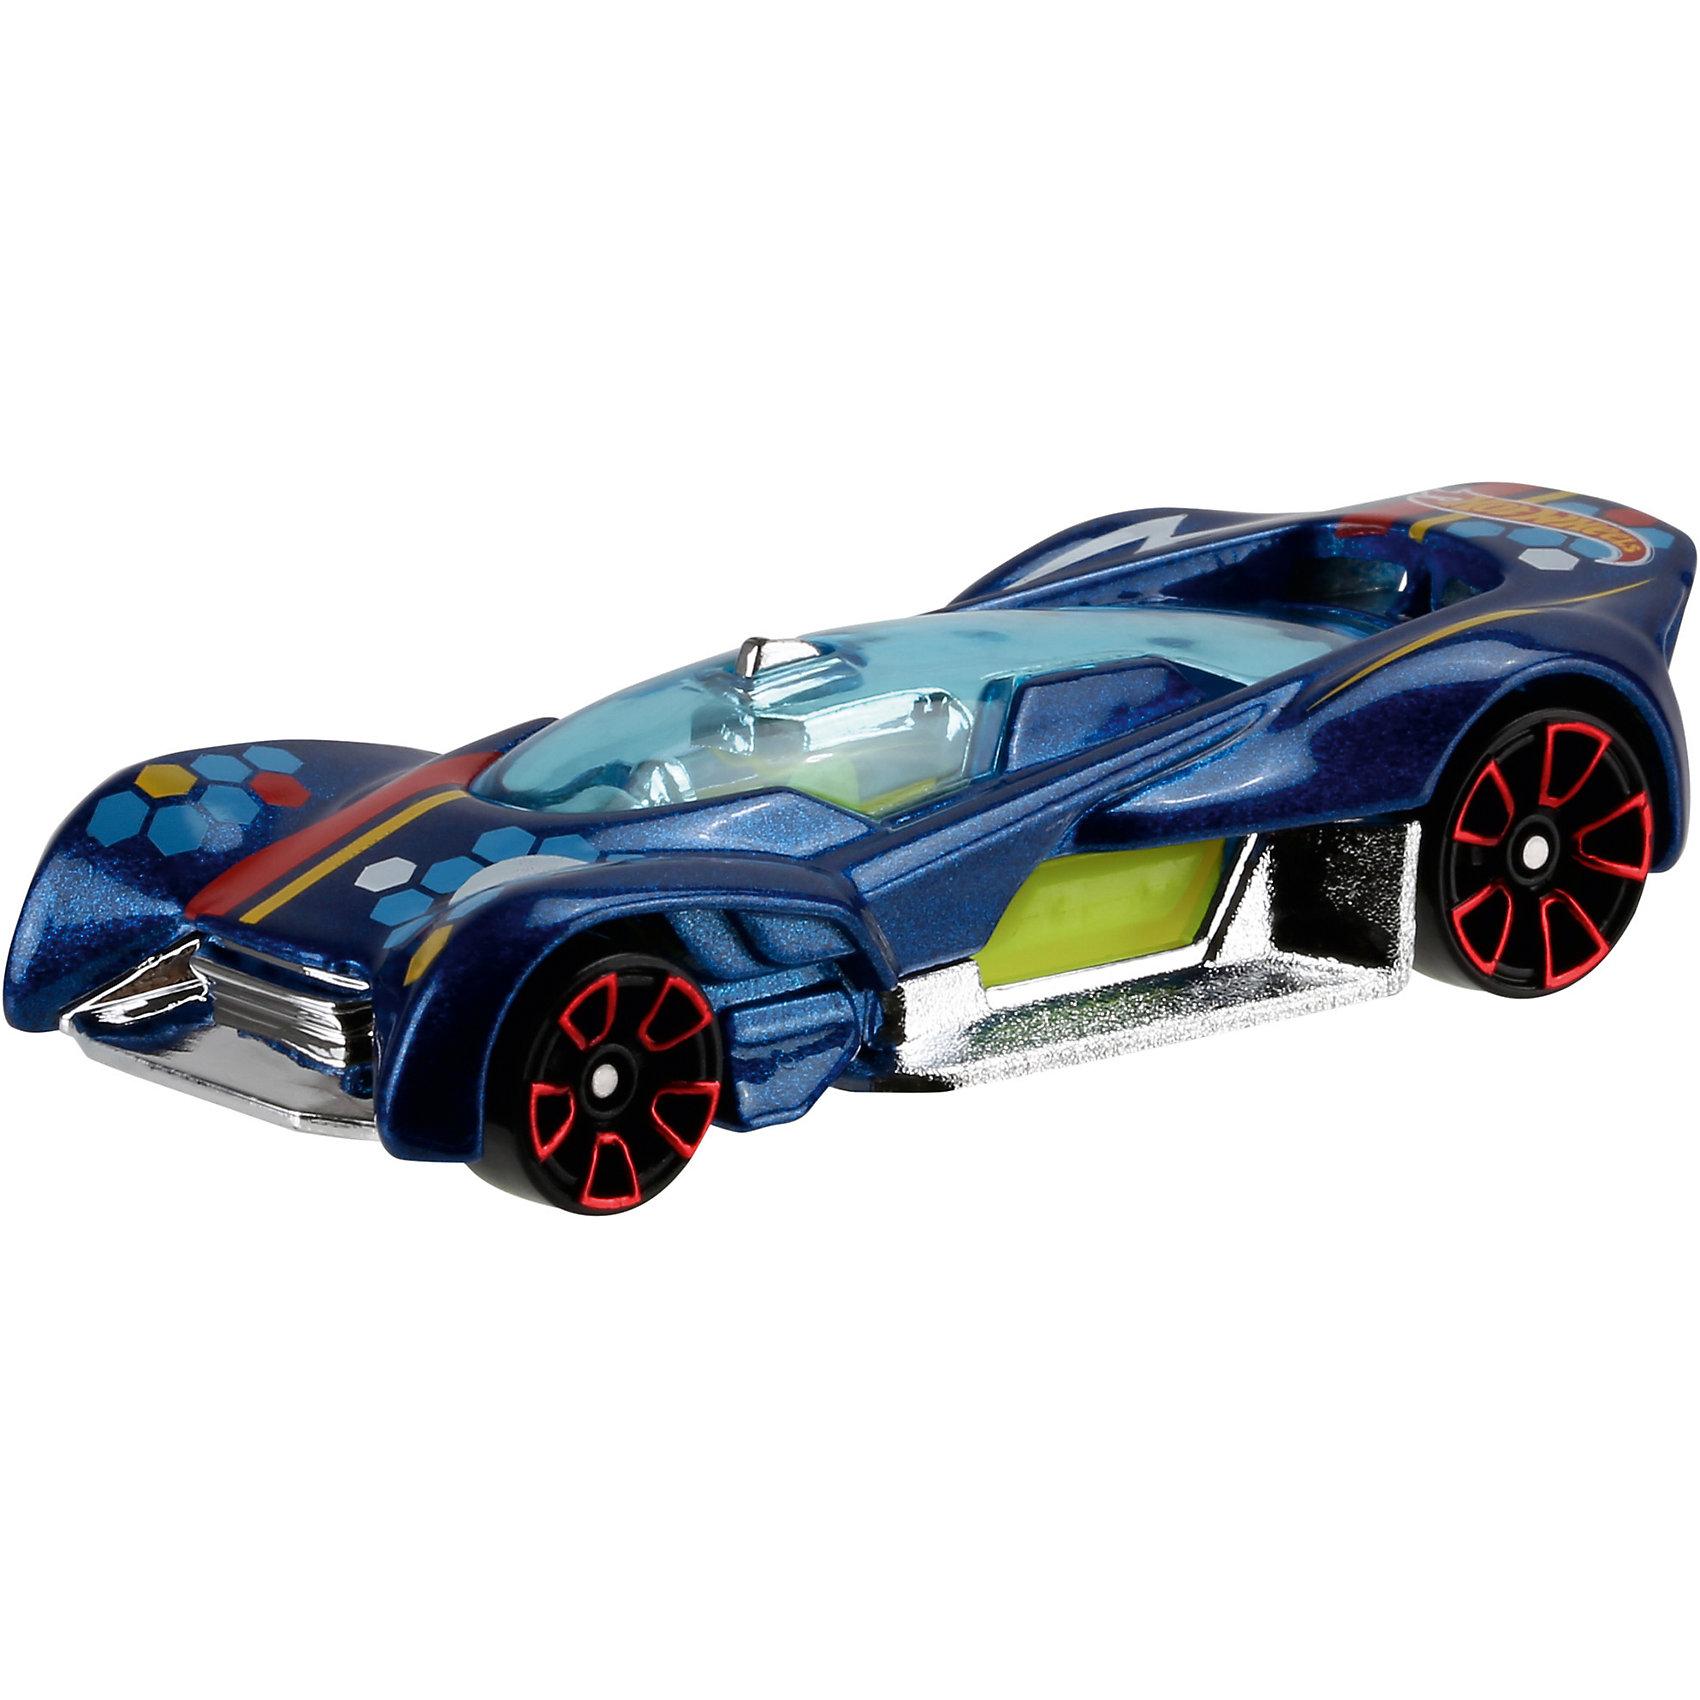 Машинка Hot Wheels из базовой коллекцииМашинка Hot Wheels из базовой коллекции – высококачественная масштабная модель машины, имеющая неординарный, радикальный дизайн. <br><br>В упаковке 1 машинка,  машинки тематически обусловлены от фантазийных, спасательных до экстремальных и просто скоростных машин. <br><br>Соберите свою коллекцию машинок Hot Wheels!<br><br>Дополнительная информация: <br><br>Машинка стандартного размера Hot Wheels<br>Размер упаковки: 11 х 10,5 х 3,5 см<br><br>Ширина мм: 110<br>Глубина мм: 45<br>Высота мм: 110<br>Вес г: 30<br>Возраст от месяцев: 36<br>Возраст до месяцев: 96<br>Пол: Мужской<br>Возраст: Детский<br>SKU: 4901803